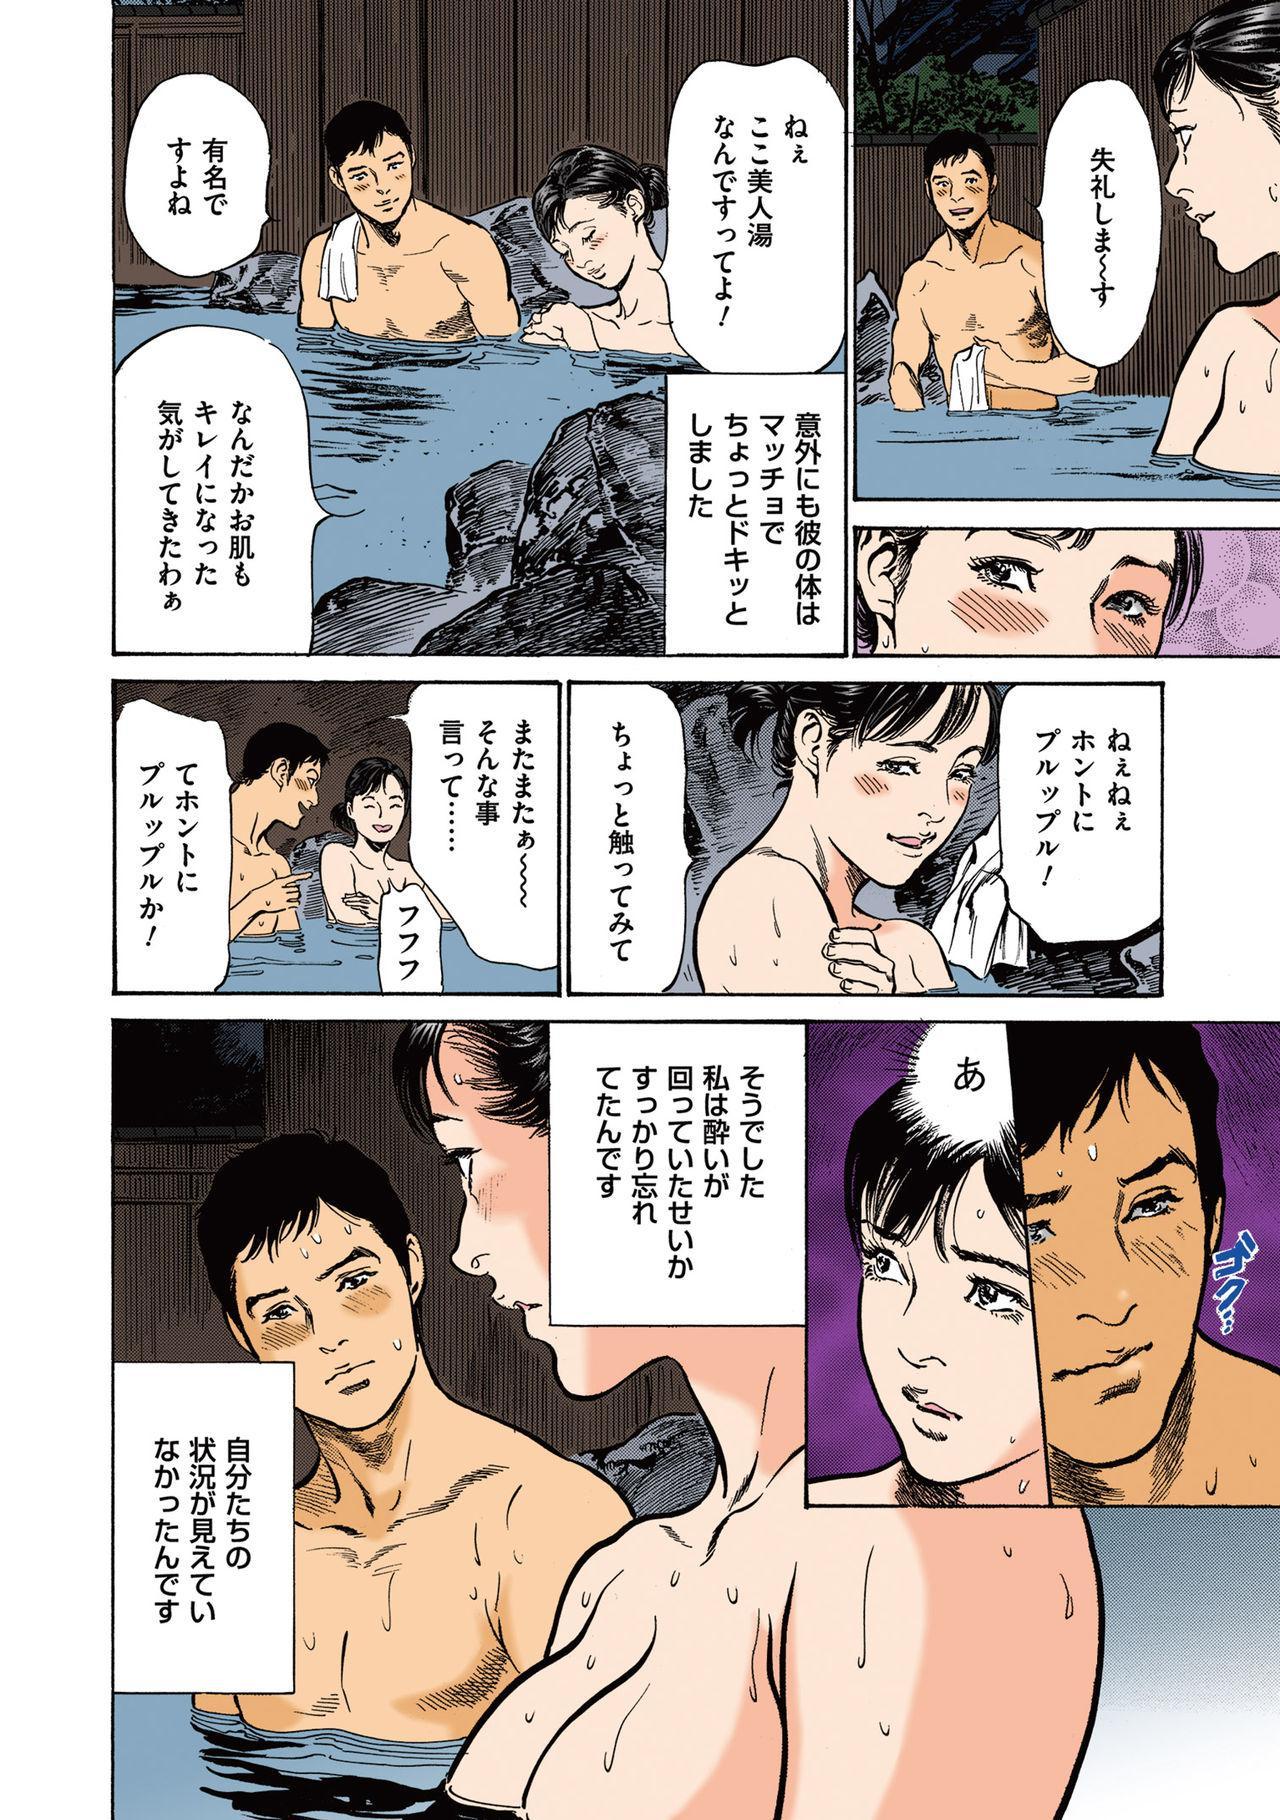 [Hazuki Kaoru] Hazuki Kaoru no Tamaranai Hanashi (Full Color Version) 2-1 89